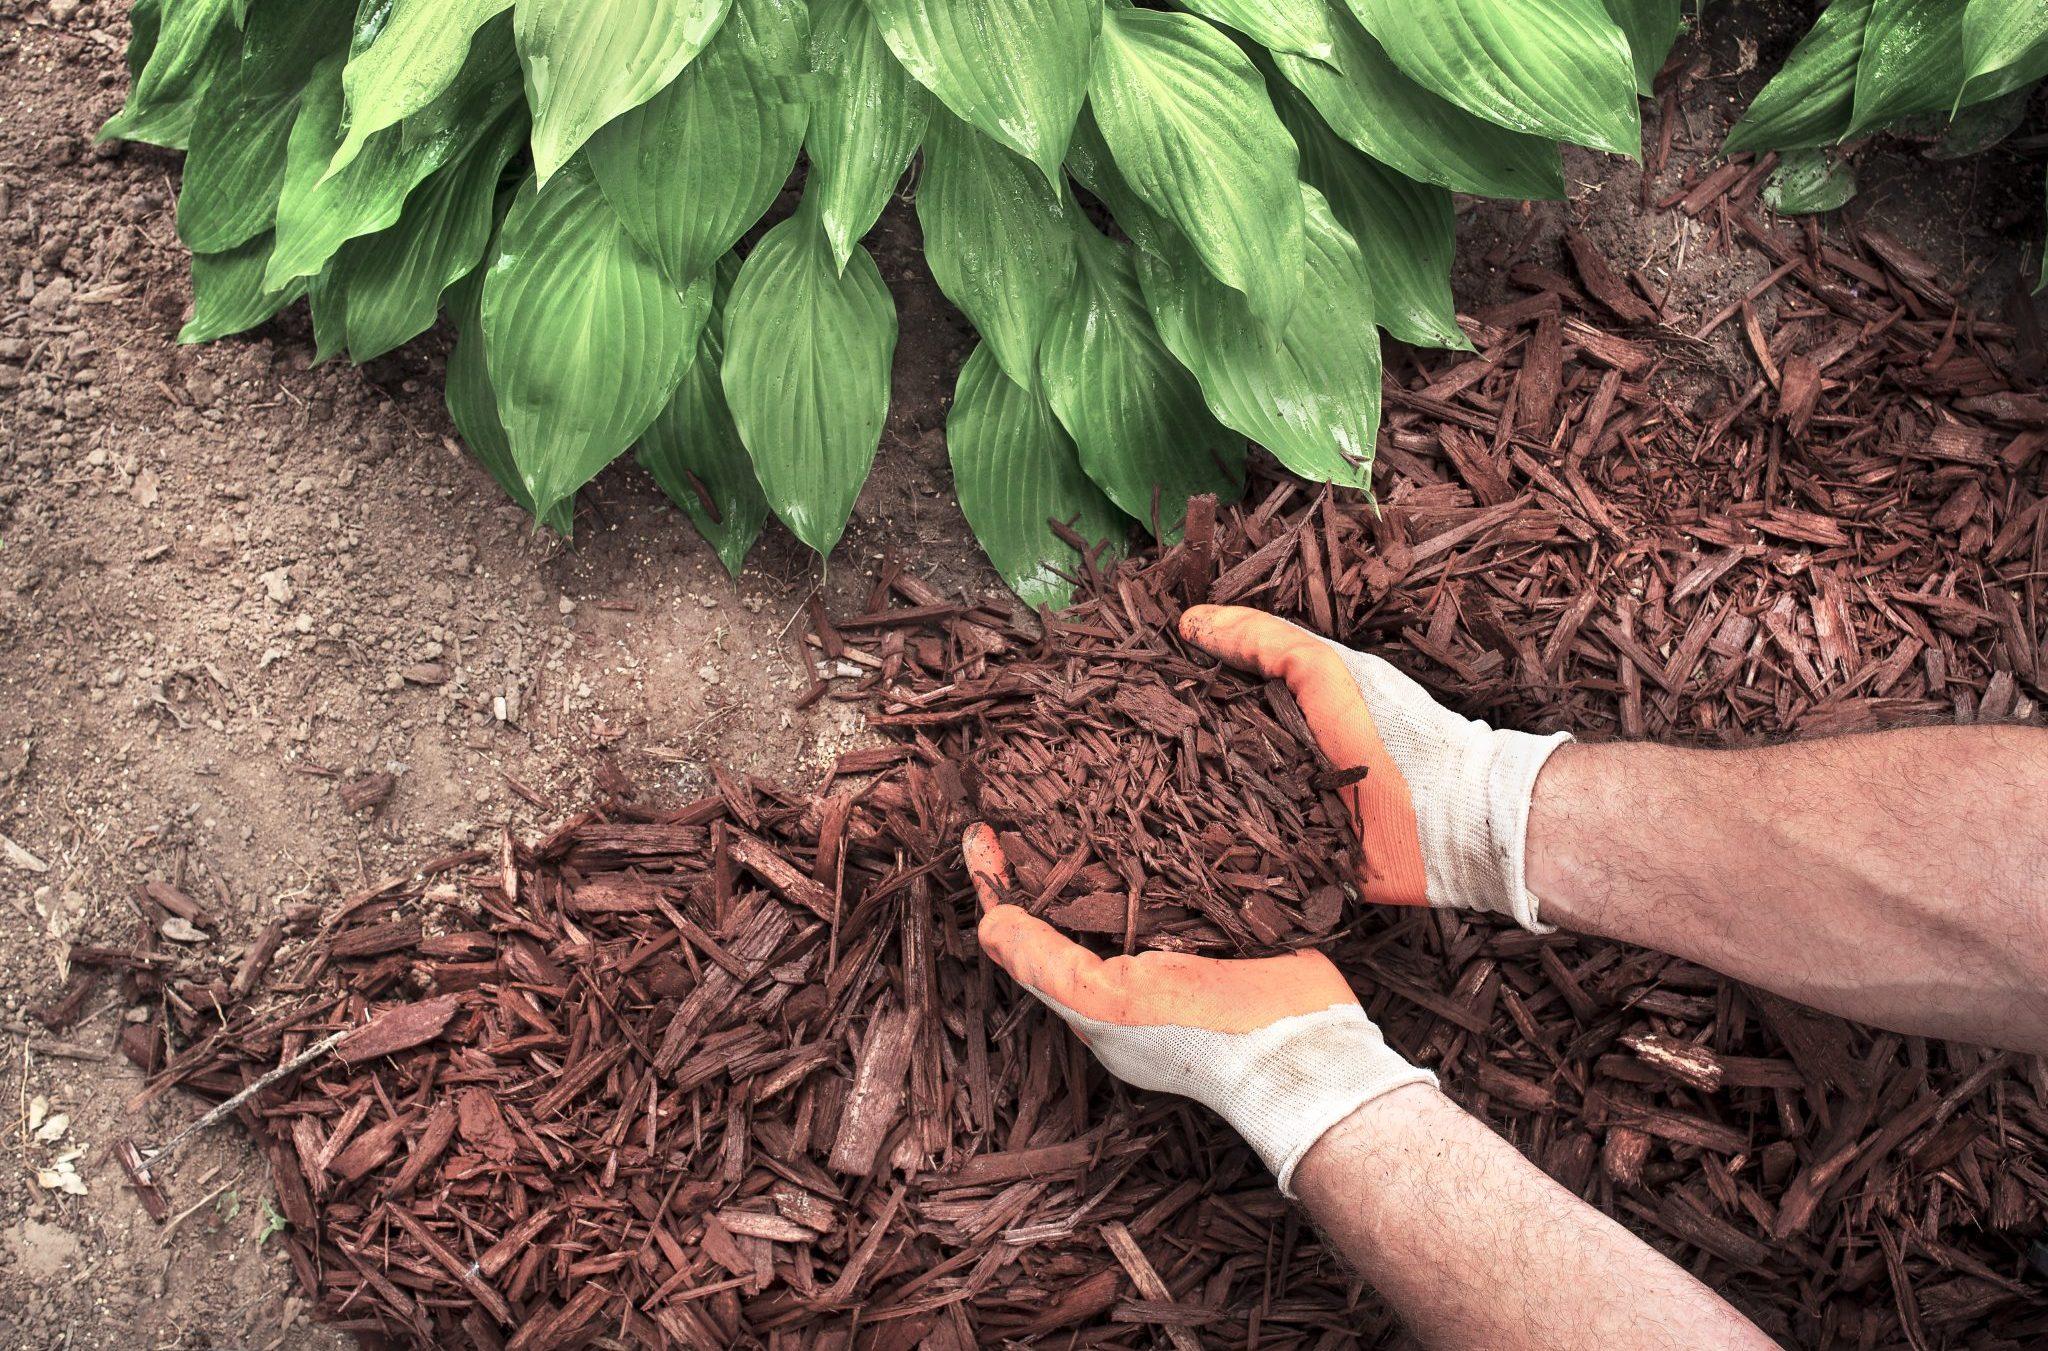 man spreading mulch around hosta plants in garden